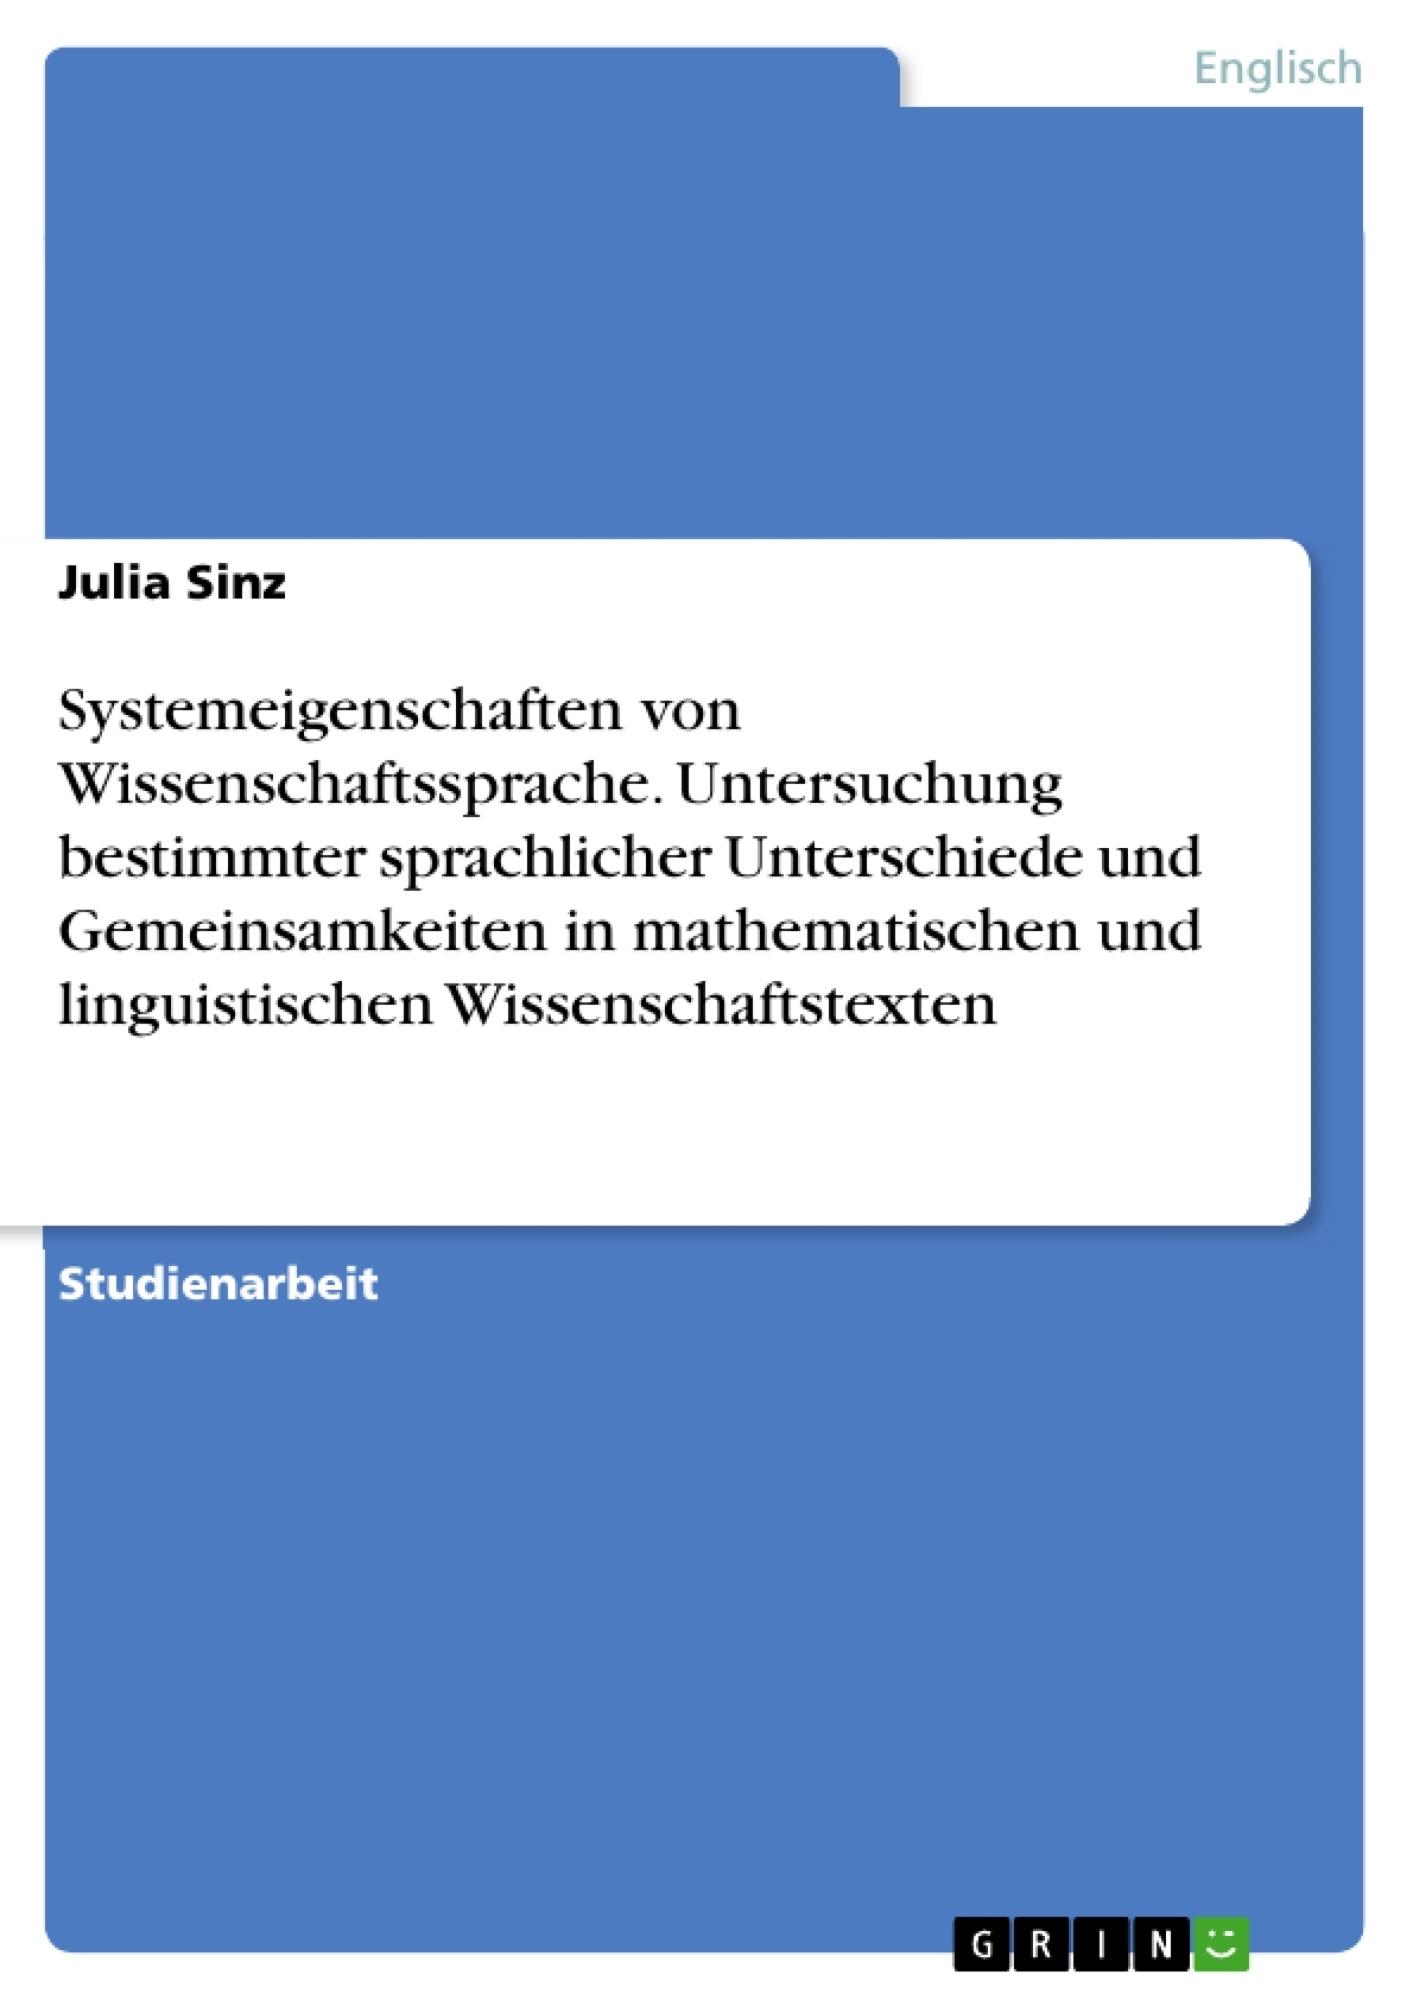 Titel: Systemeigenschaften von Wissenschaftssprache. Untersuchung bestimmter sprachlicher Unterschiede und Gemeinsamkeiten in mathematischen und linguistischen Wissenschaftstexten